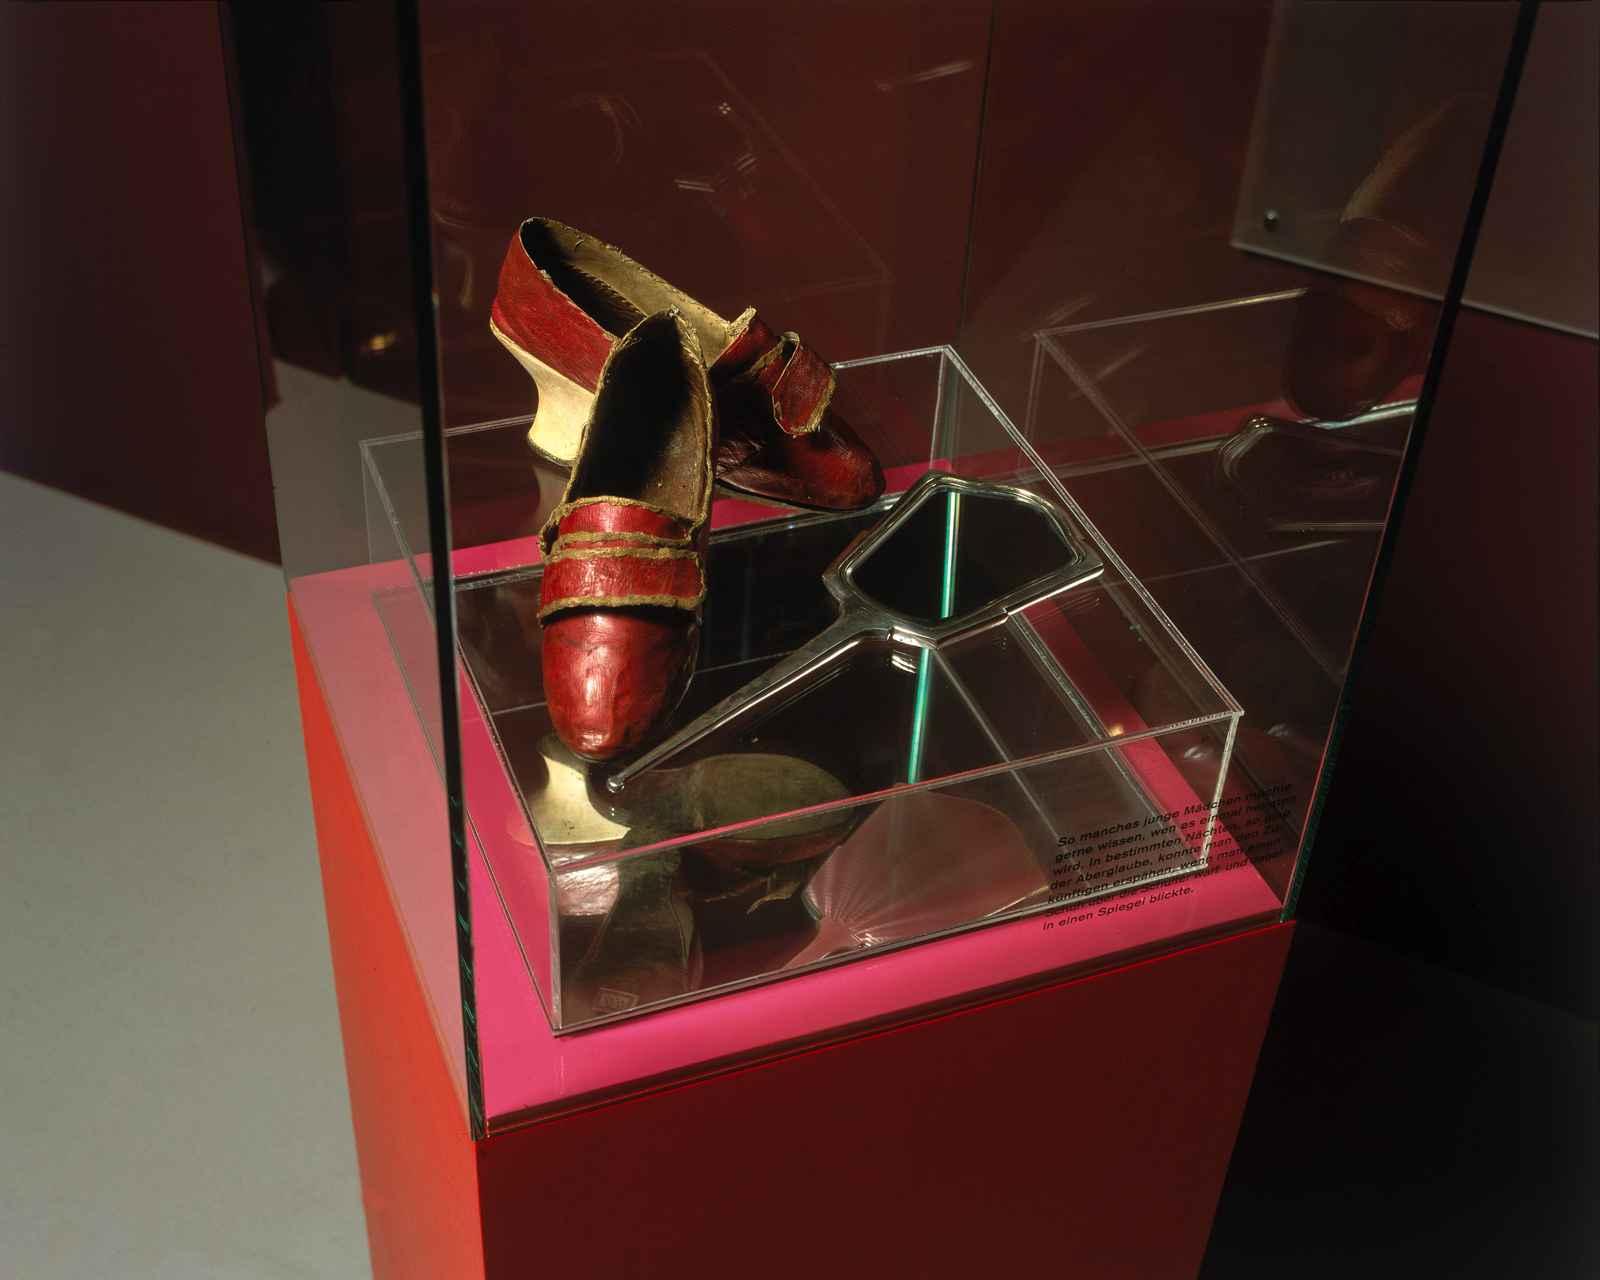 Vitrine mit mittelalterlichen Schuhen und Spiegel.